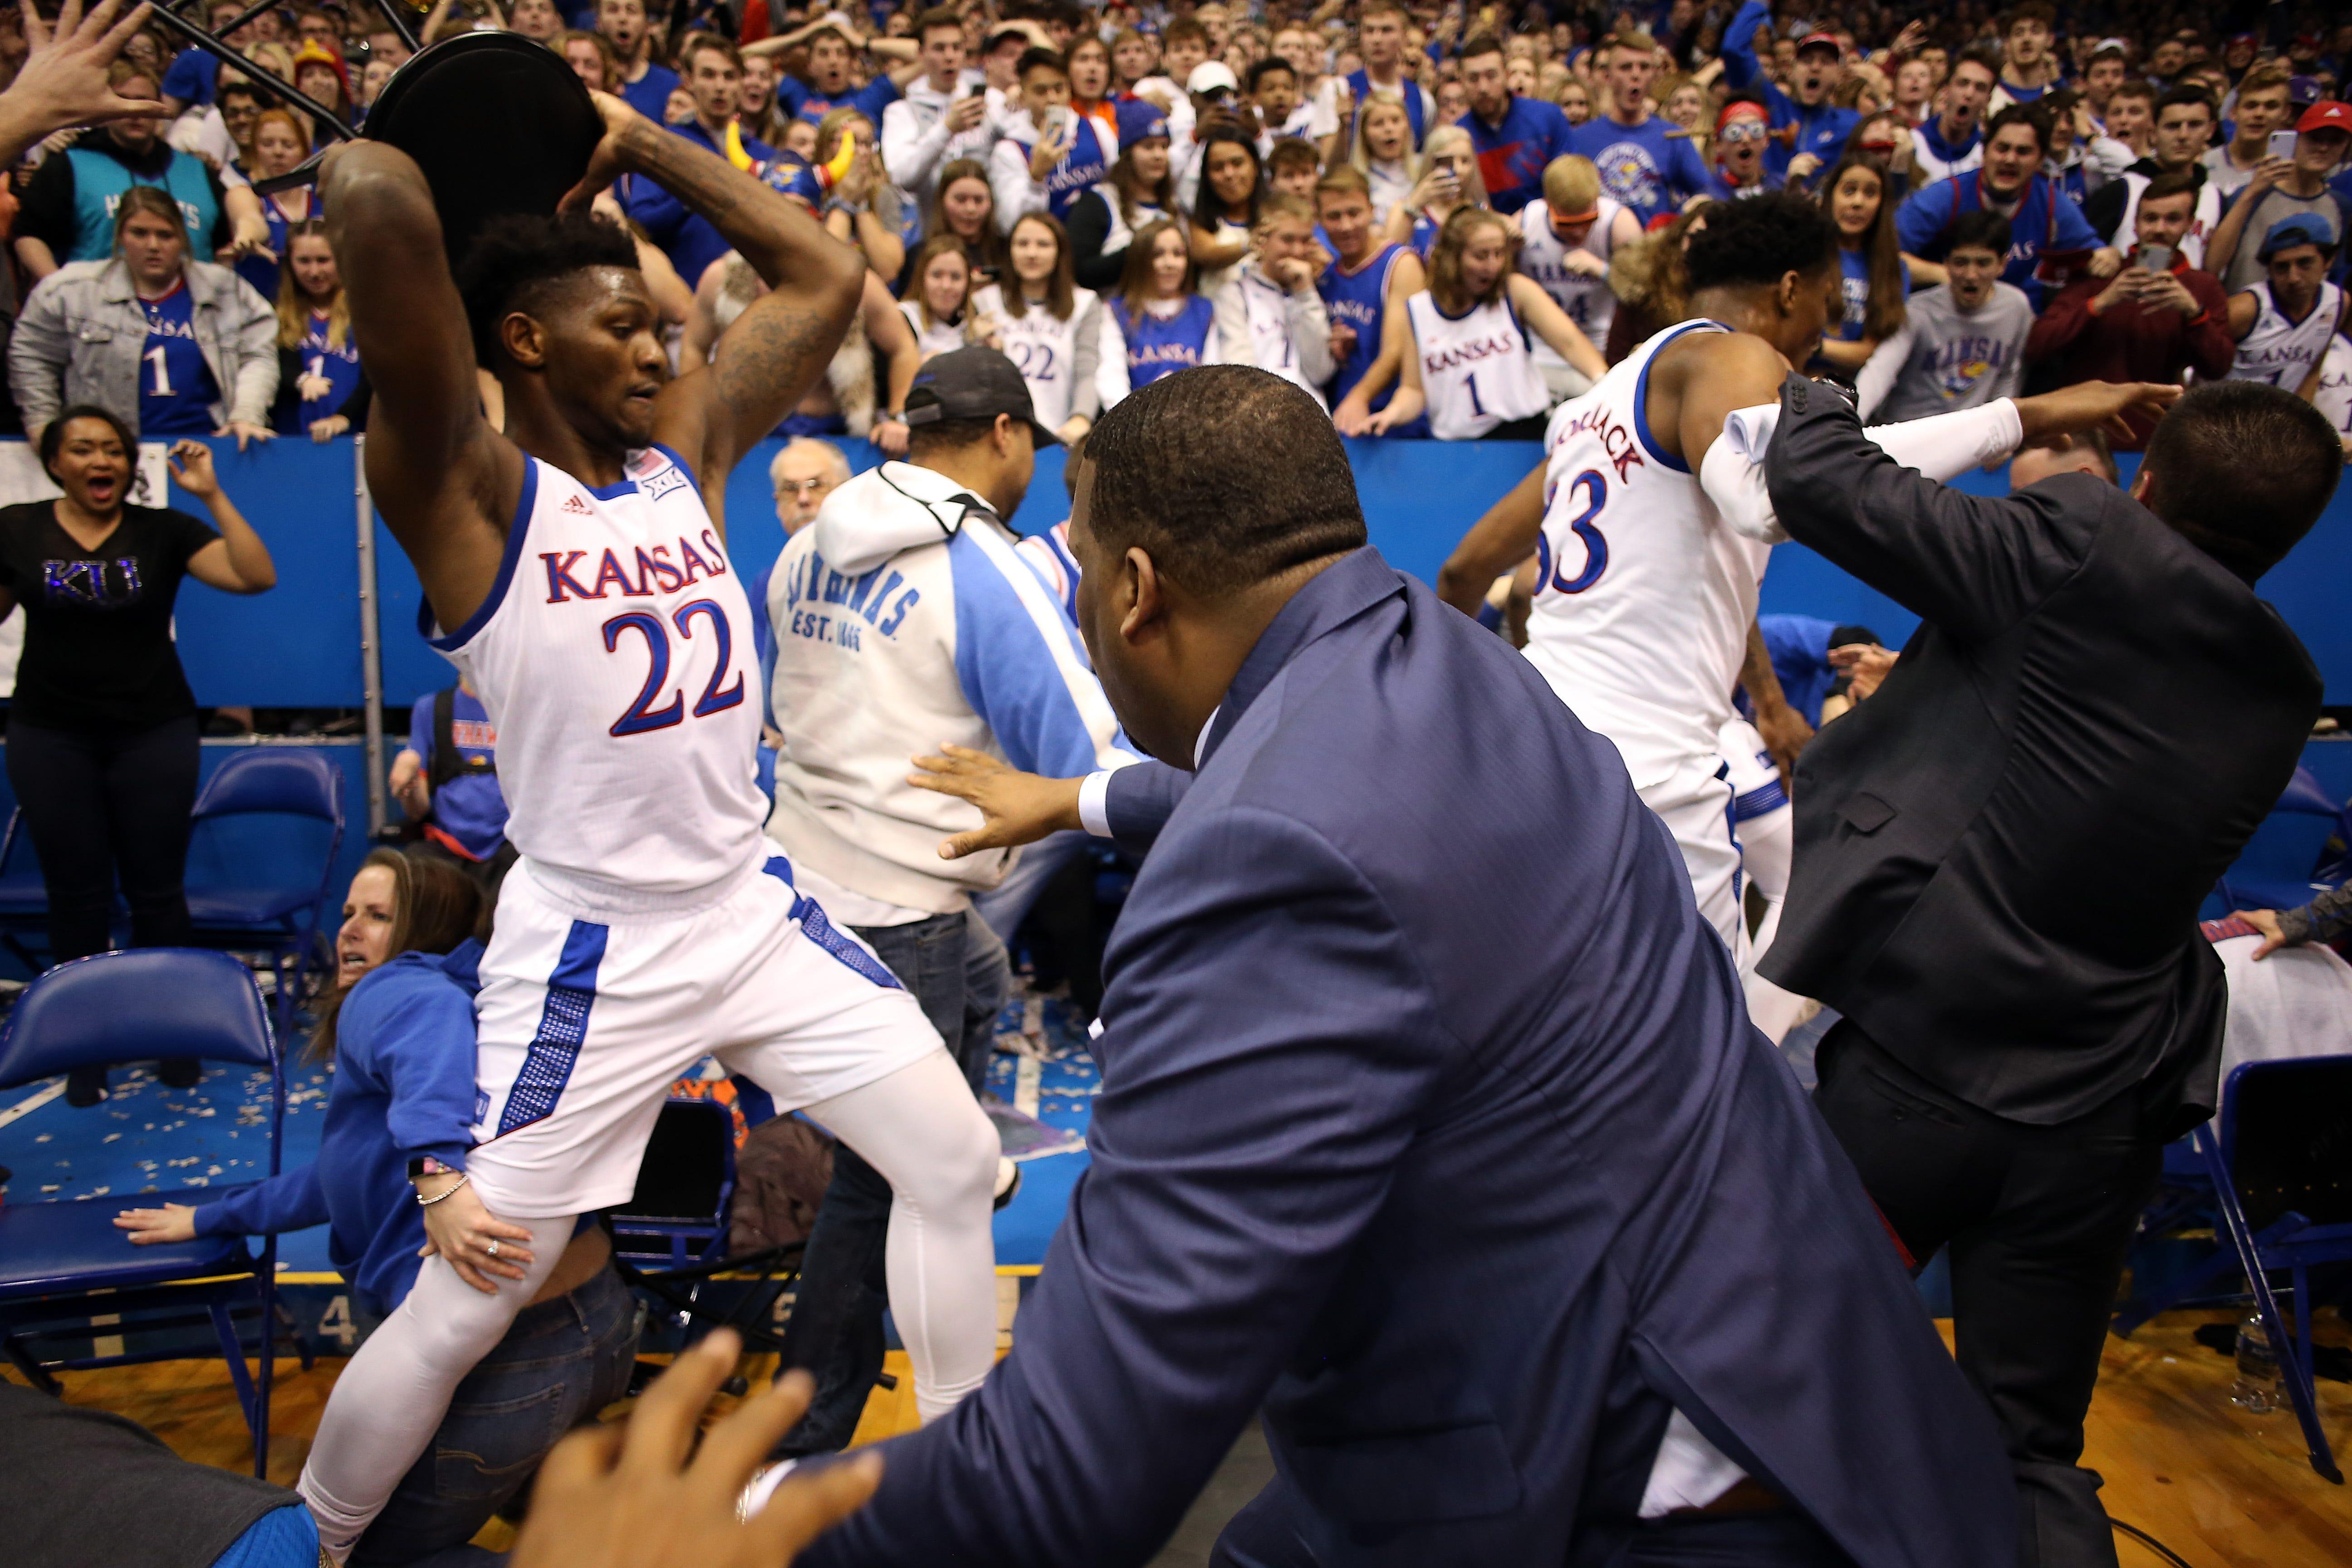 Wild brawl erupts at end of Kansas-Kansas State rivalry game